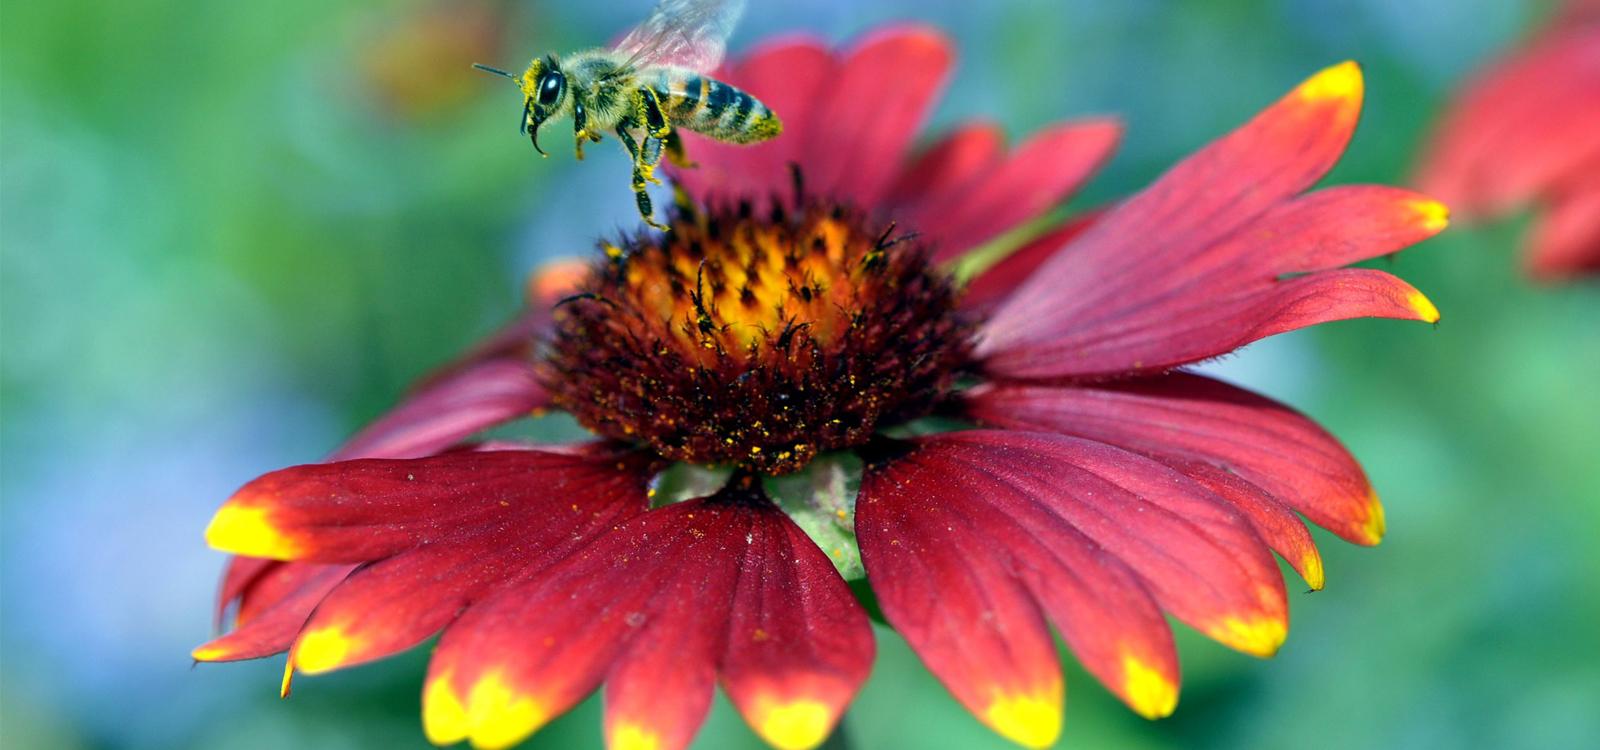 Insekt beim Anflug auf eine Blüte